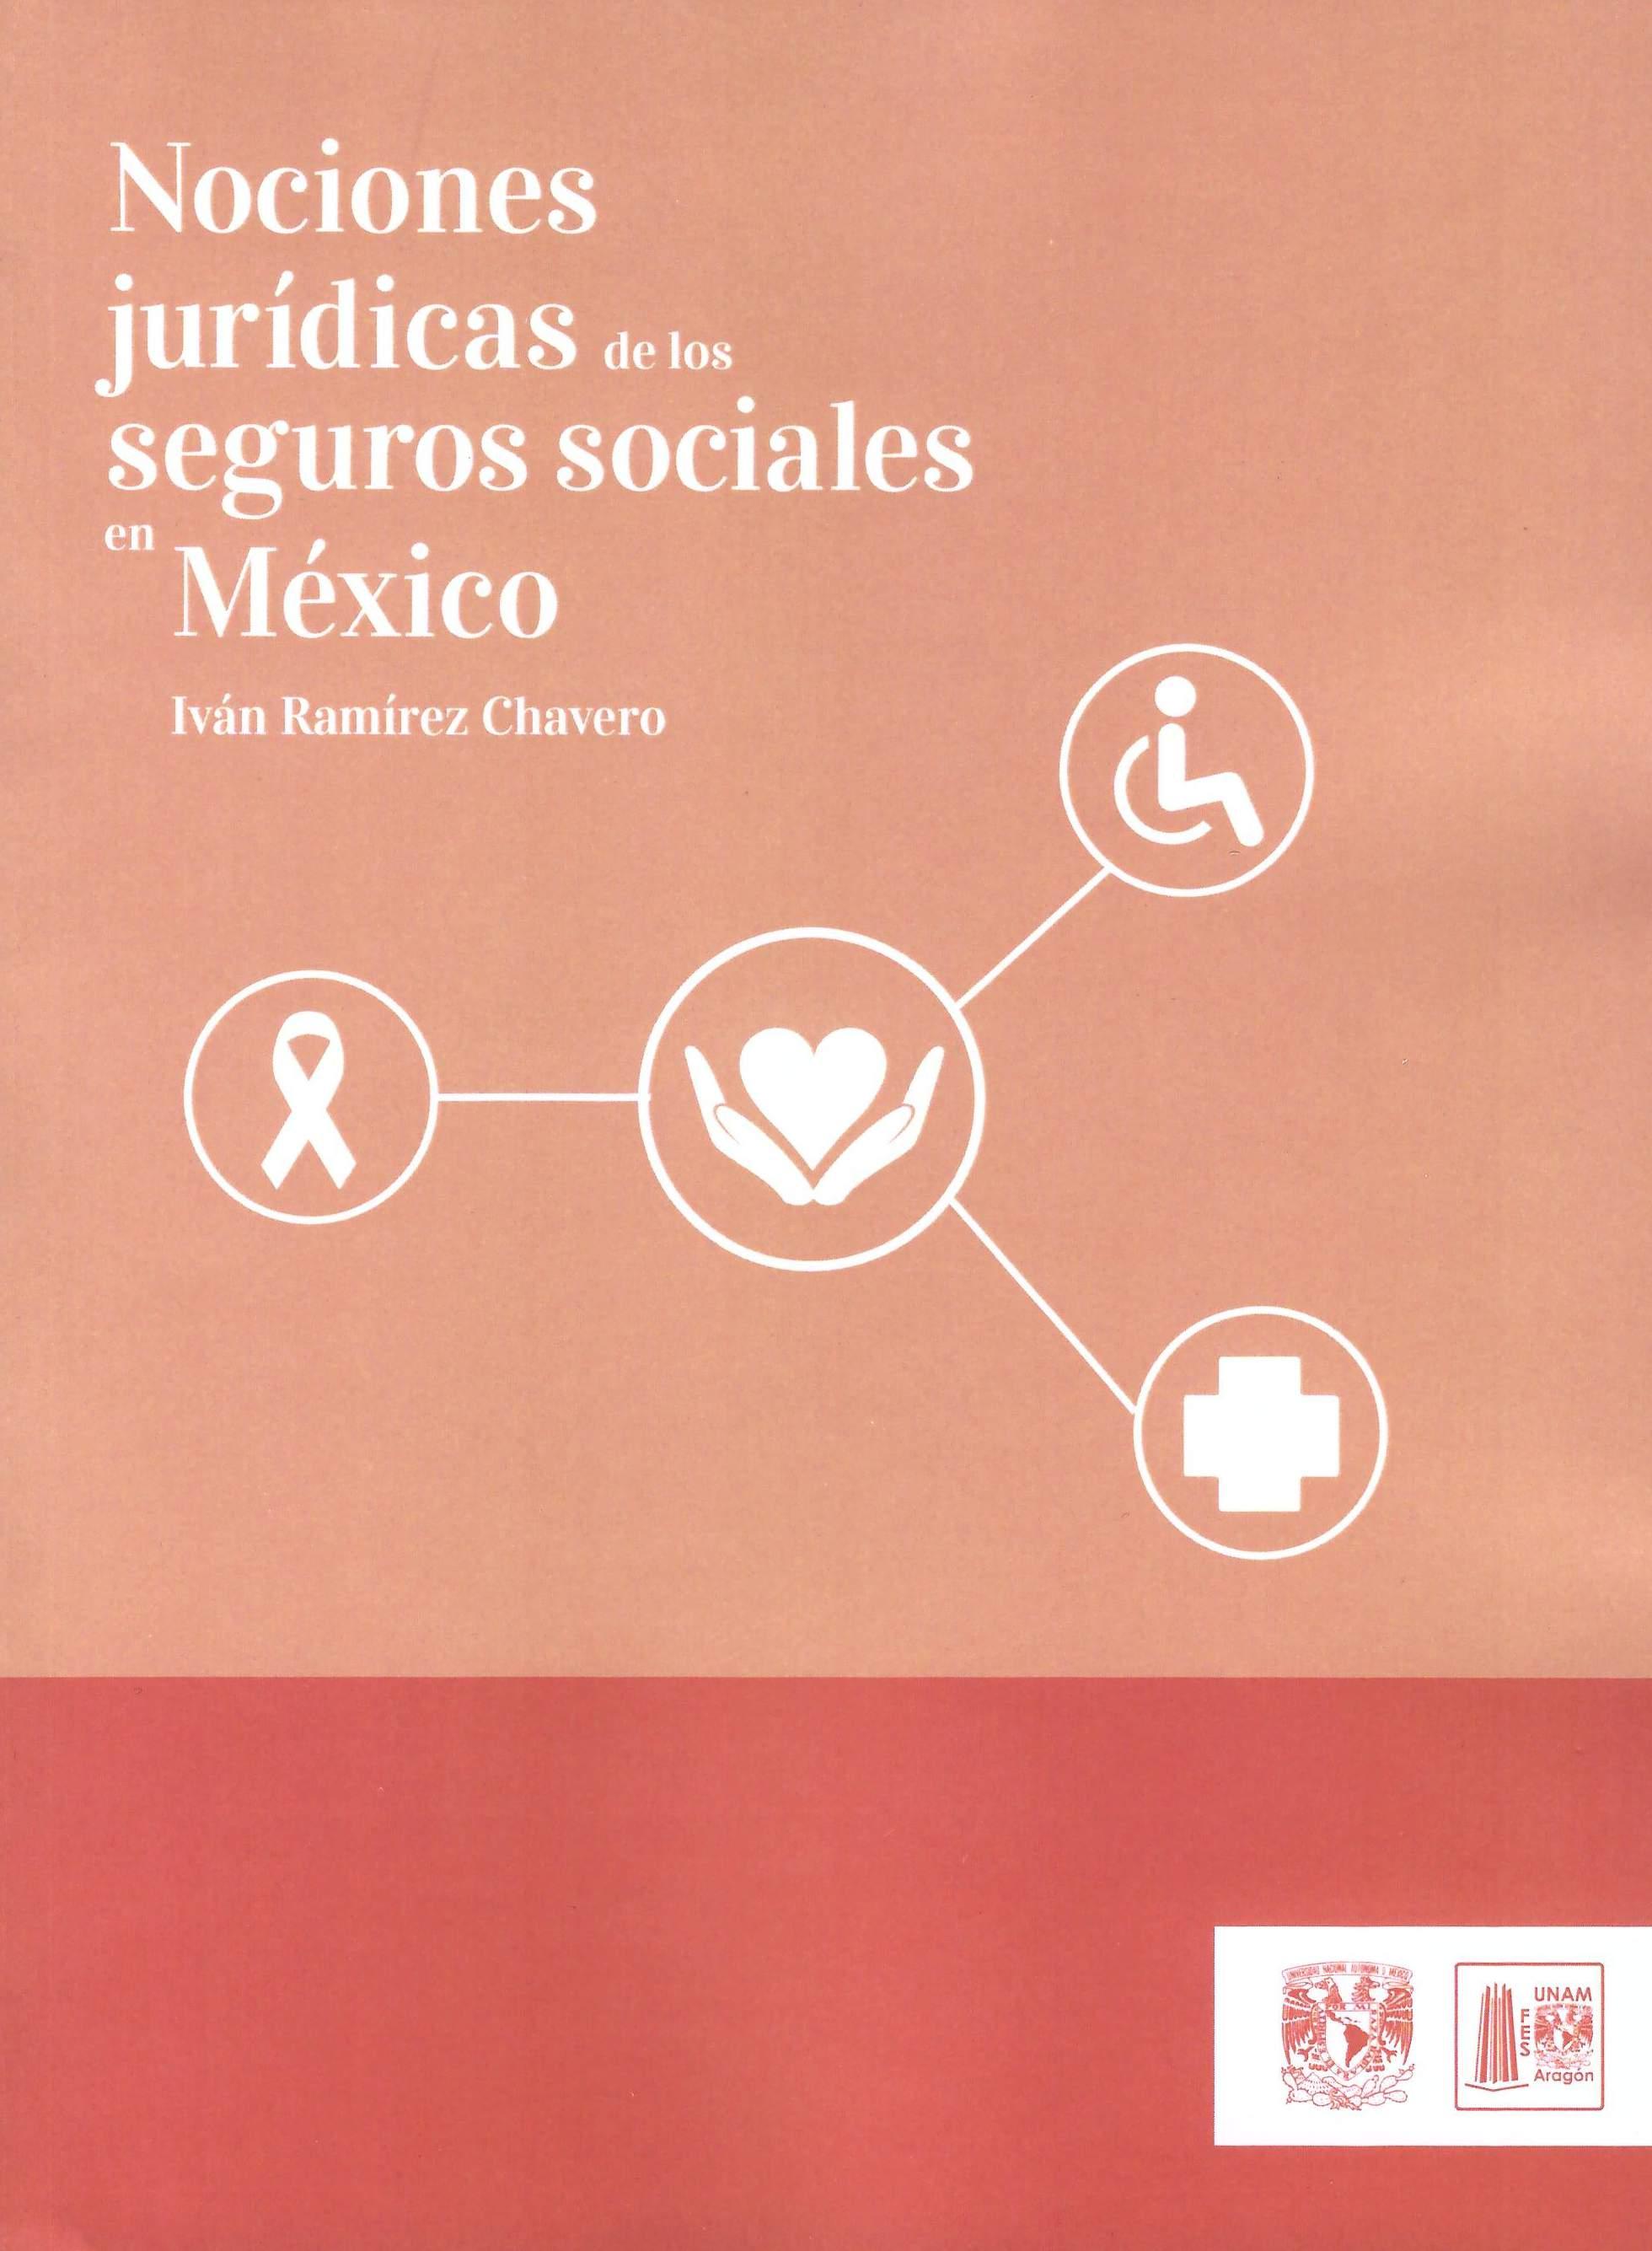 Nociones jurídicas de los seguros sociales en México